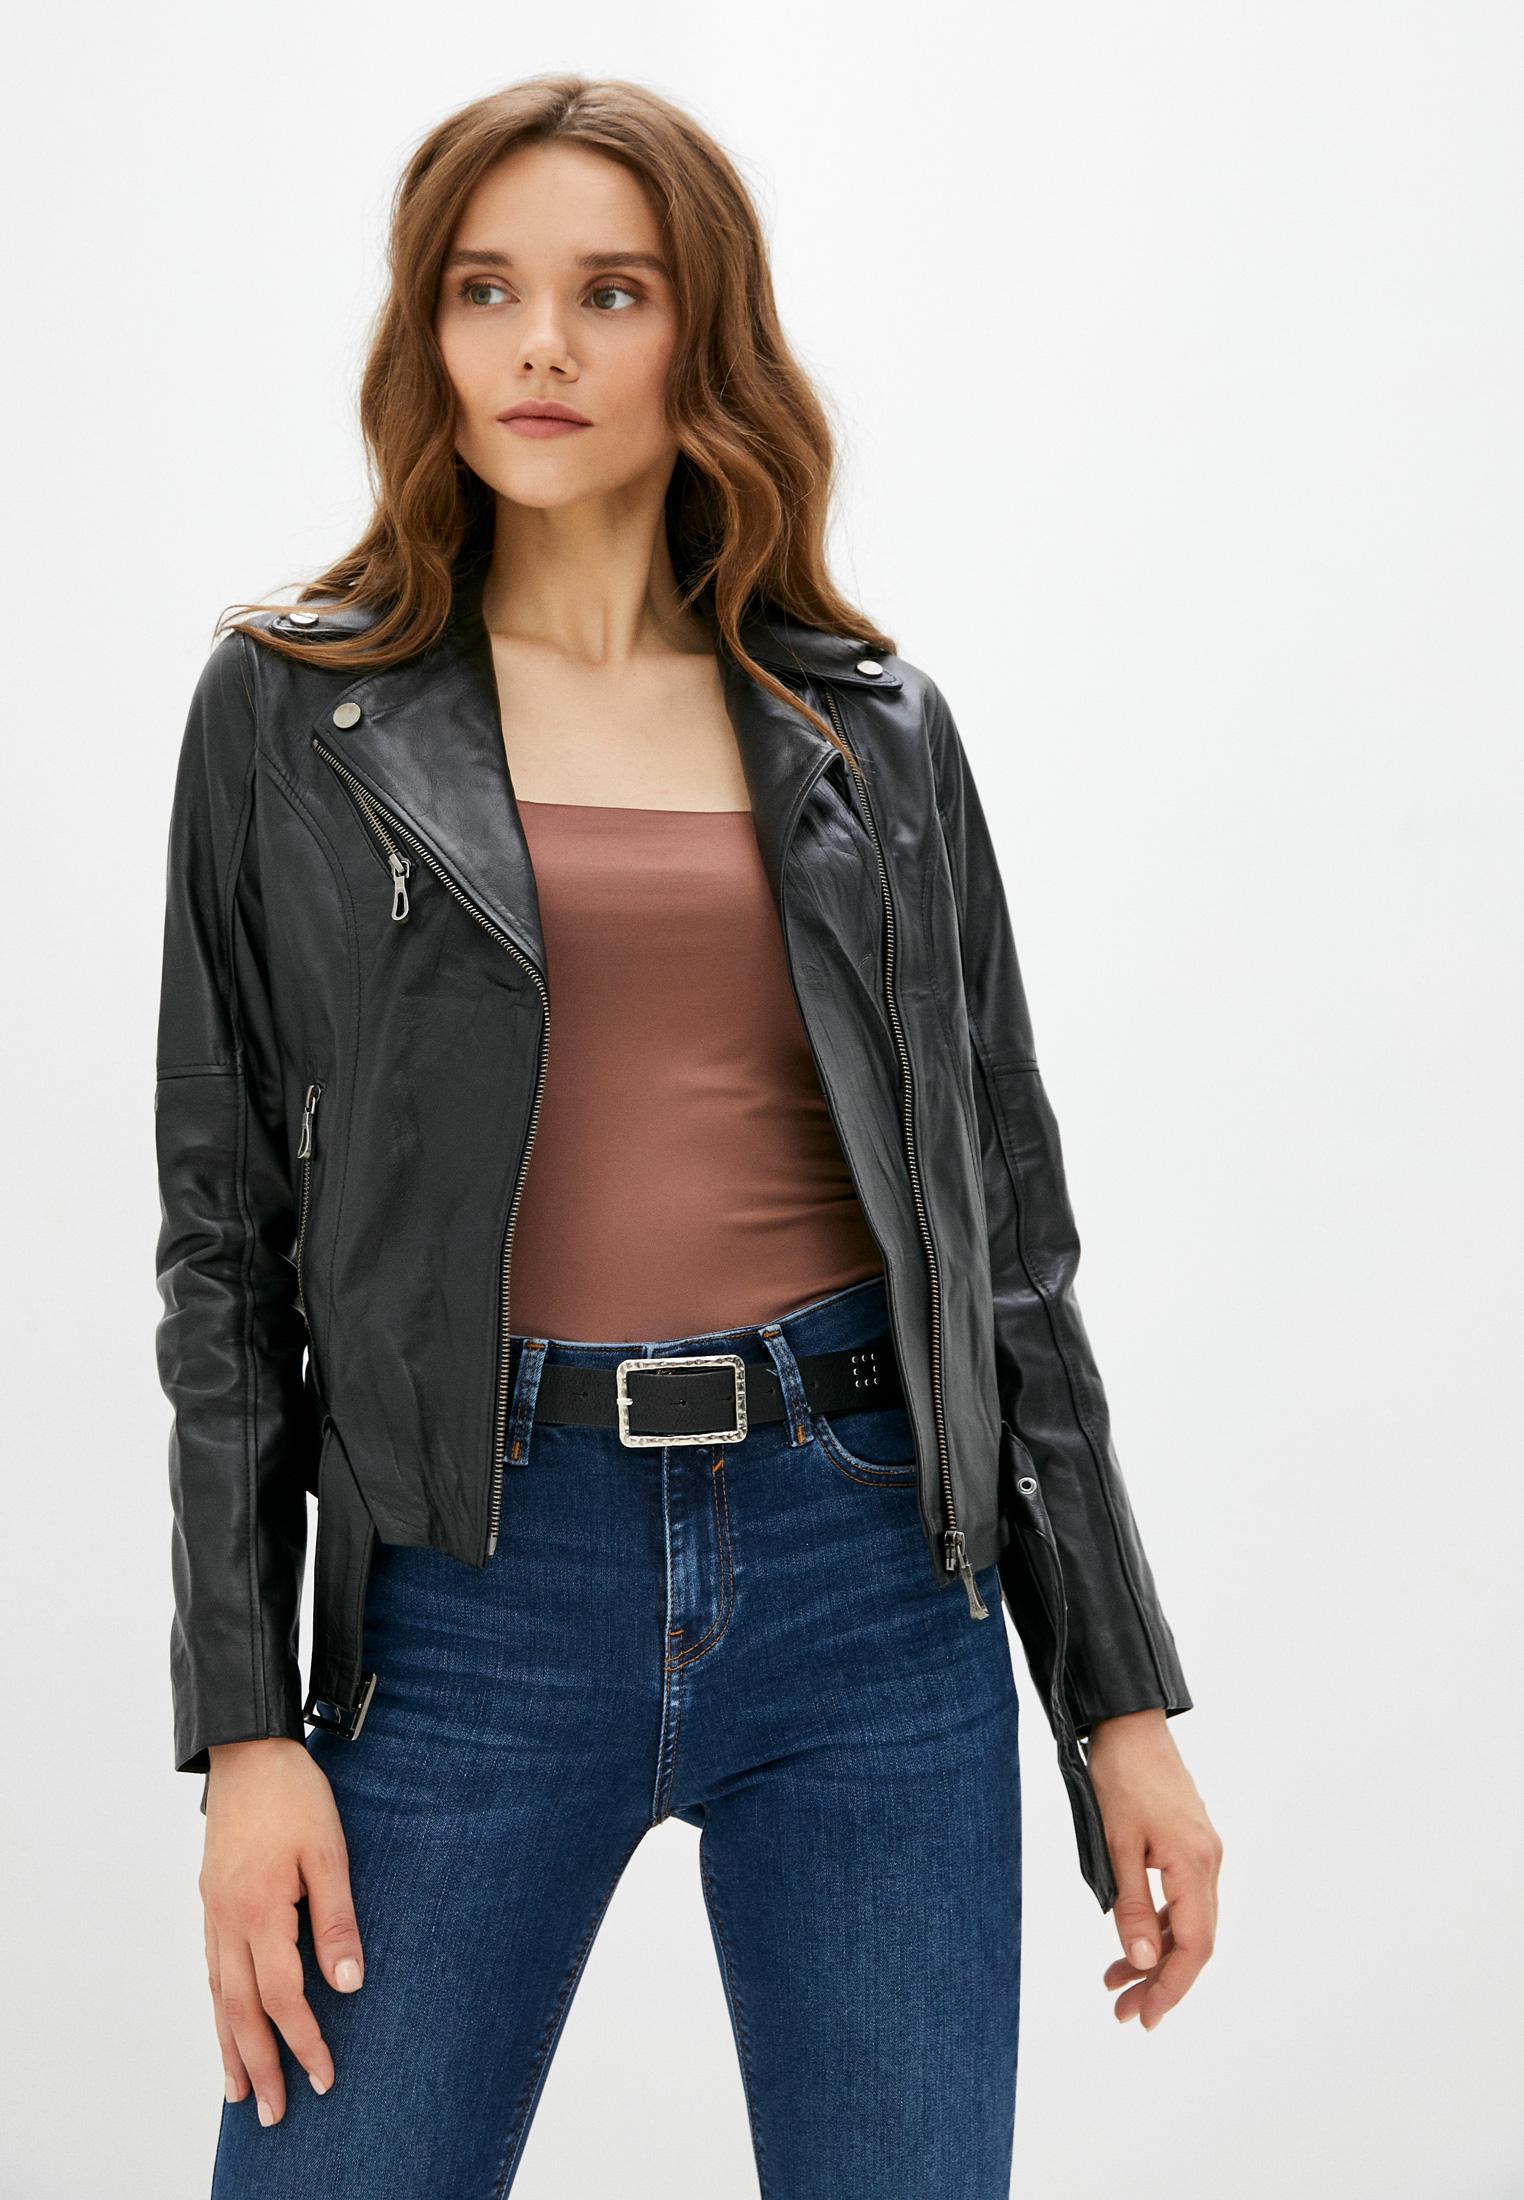 Кожаная куртка Basics & More Куртка кожаная Basics & More